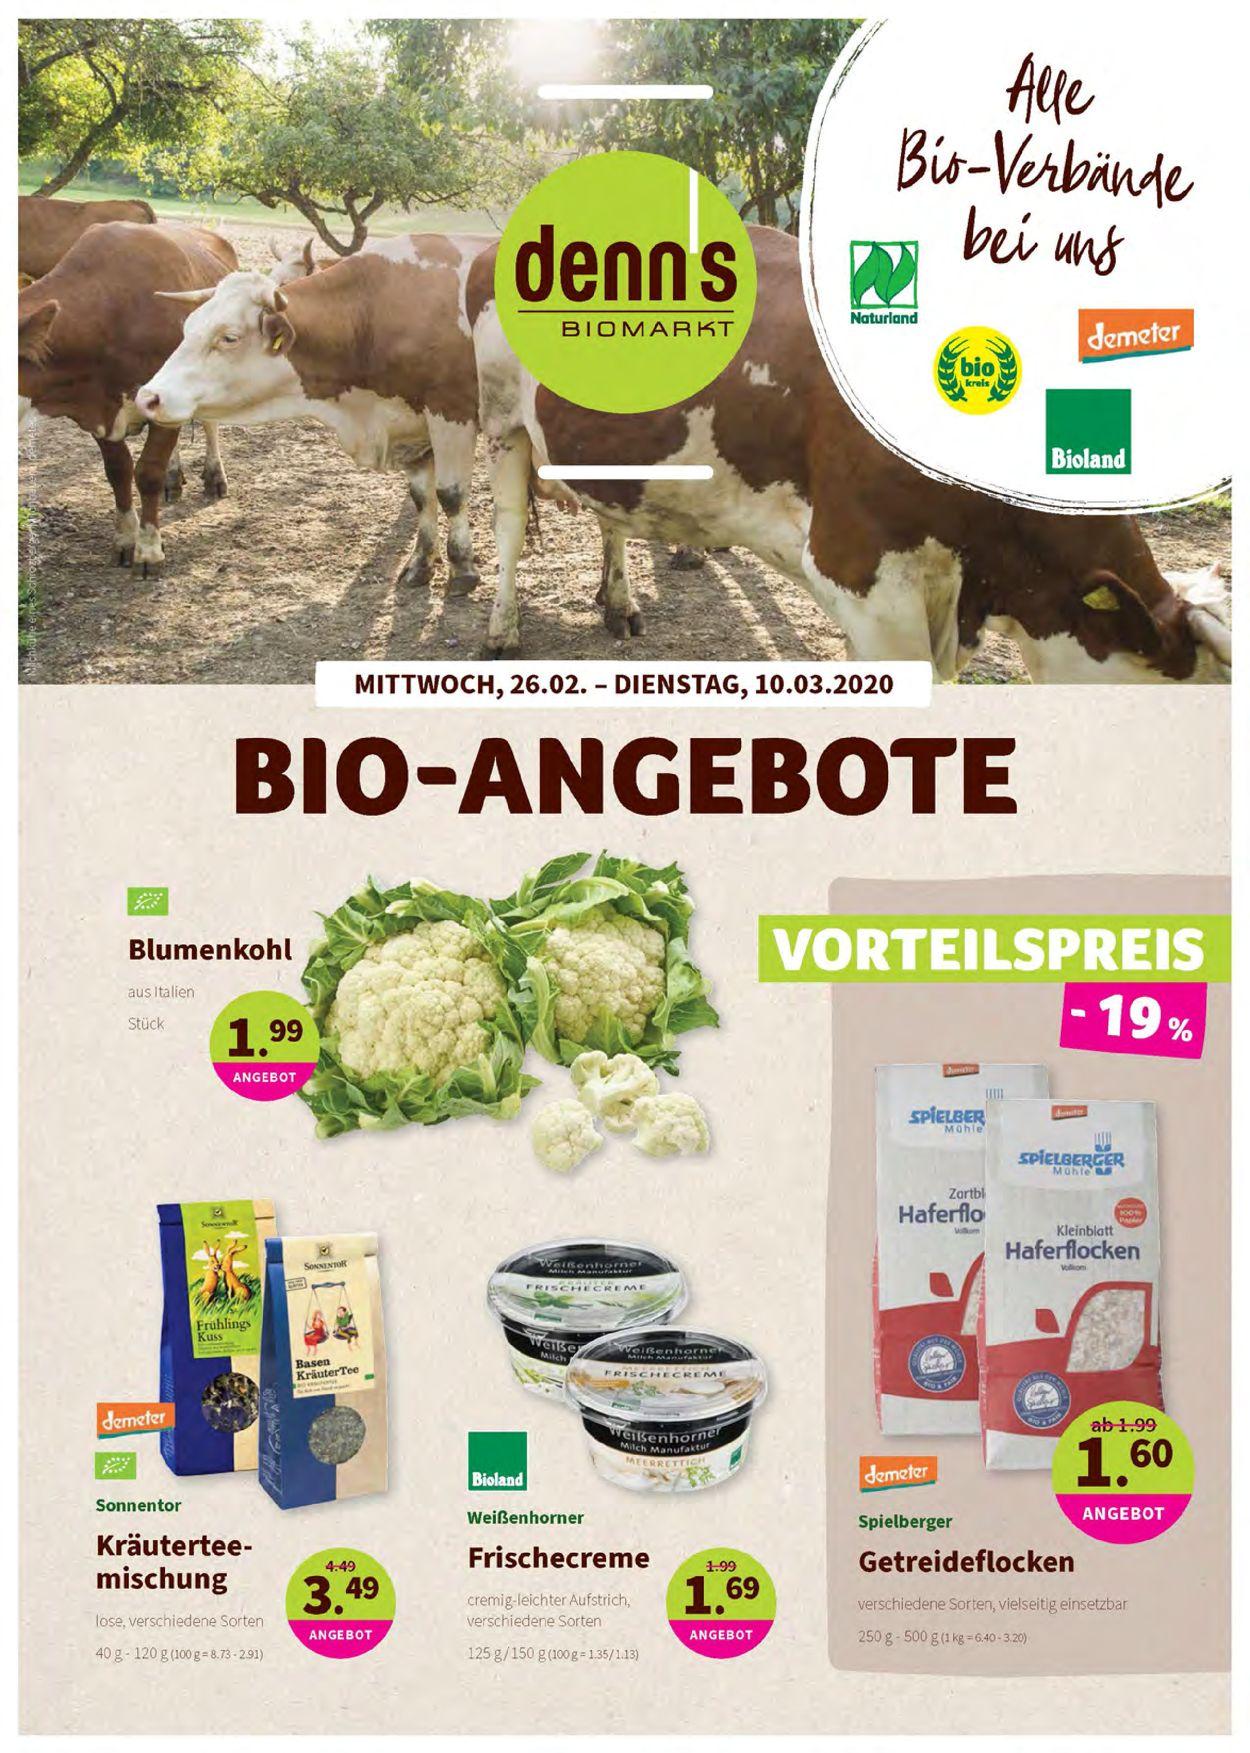 Denn's Biomarkt Prospekt - Aktuell vom 26.02-10.03.2020